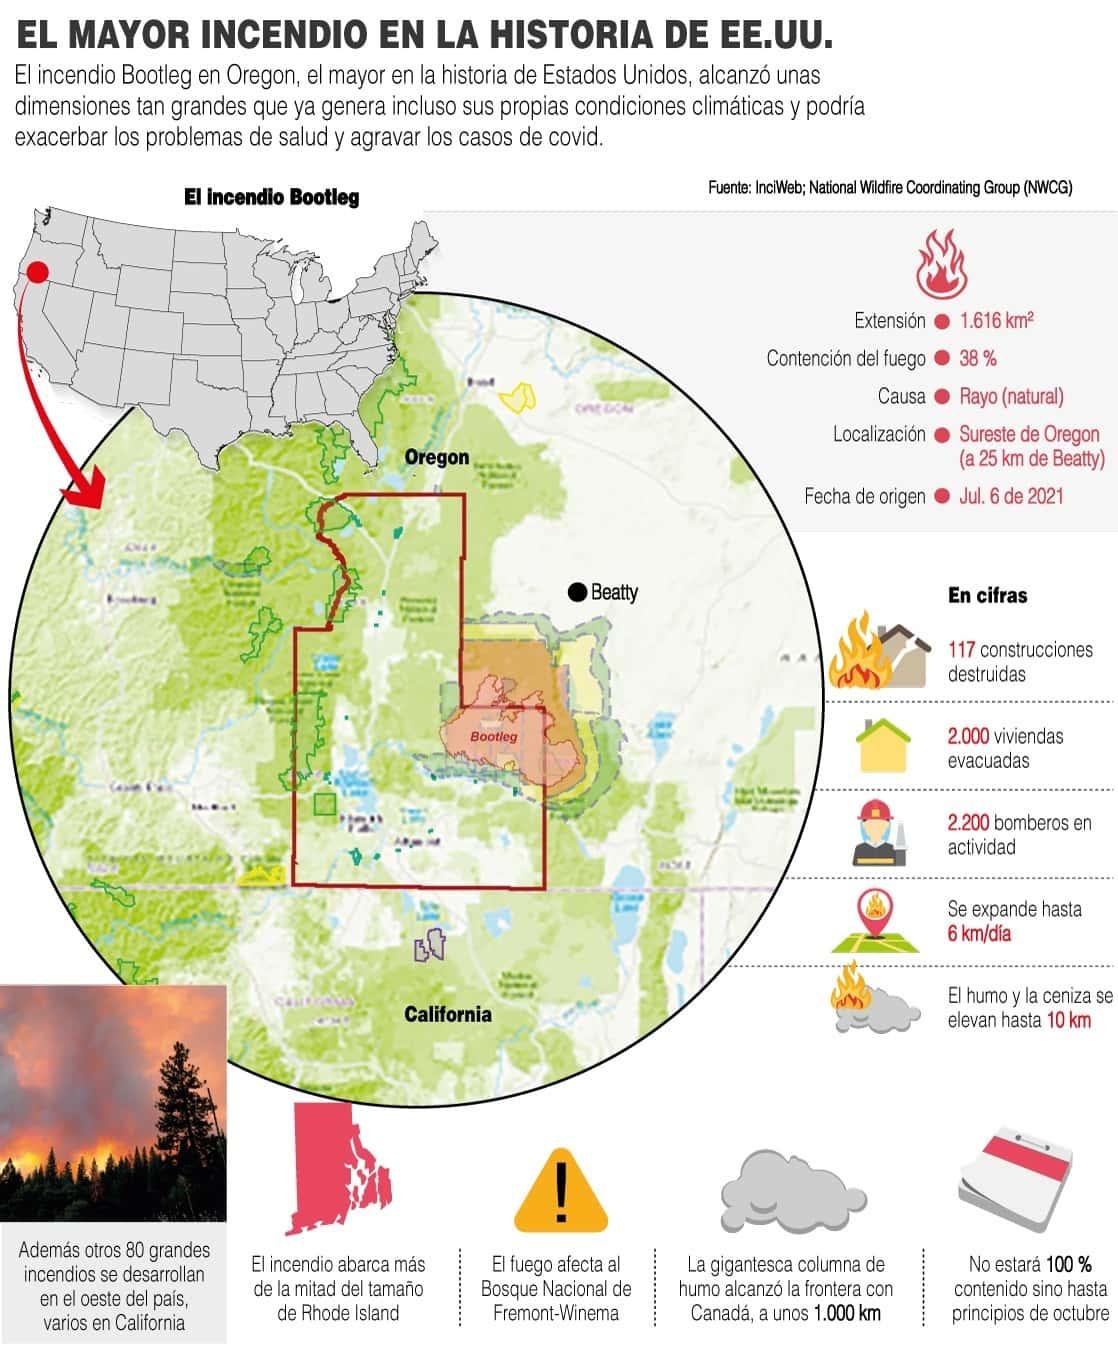 [Infografía] El mayor incendio de EE. UU. es tan grande que ya genera su propio clima 1